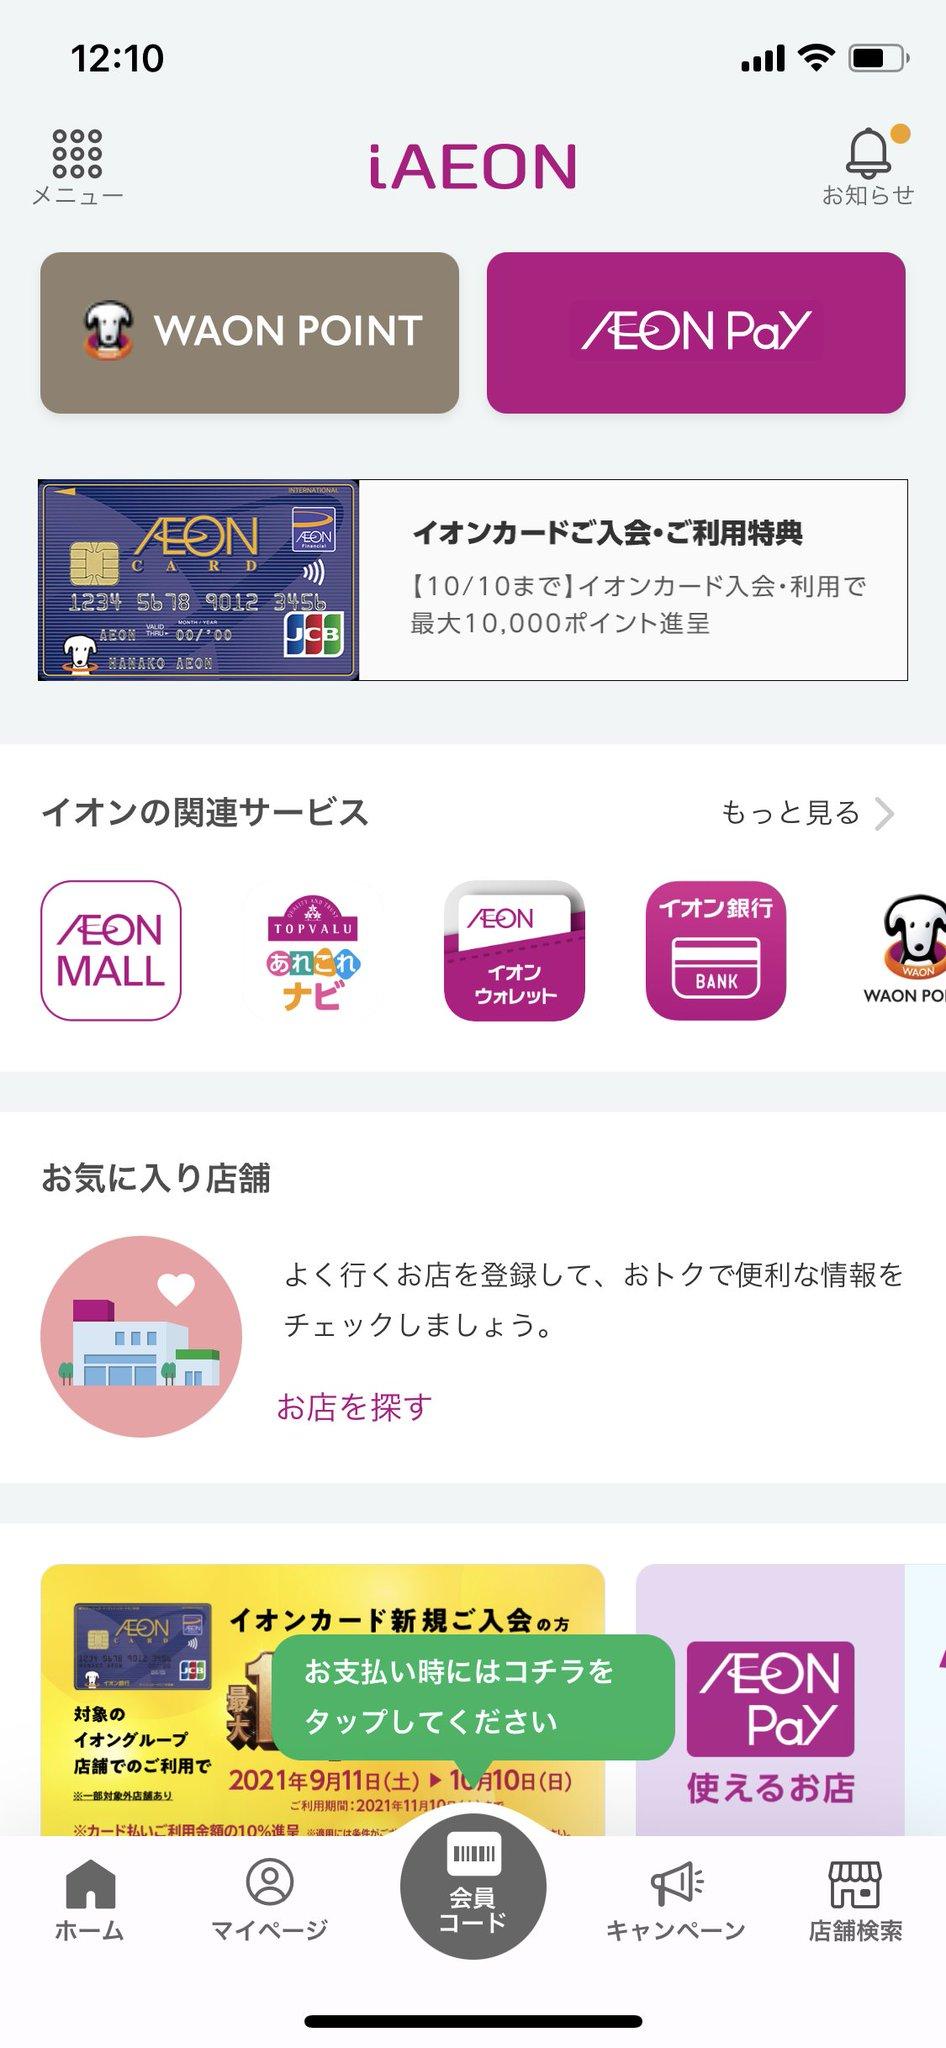 iAEON アプリを iPhone 11 Pro にインストールしてイオンカード登録完了( ´∀`) https://t.co/dwFyZs7gQa